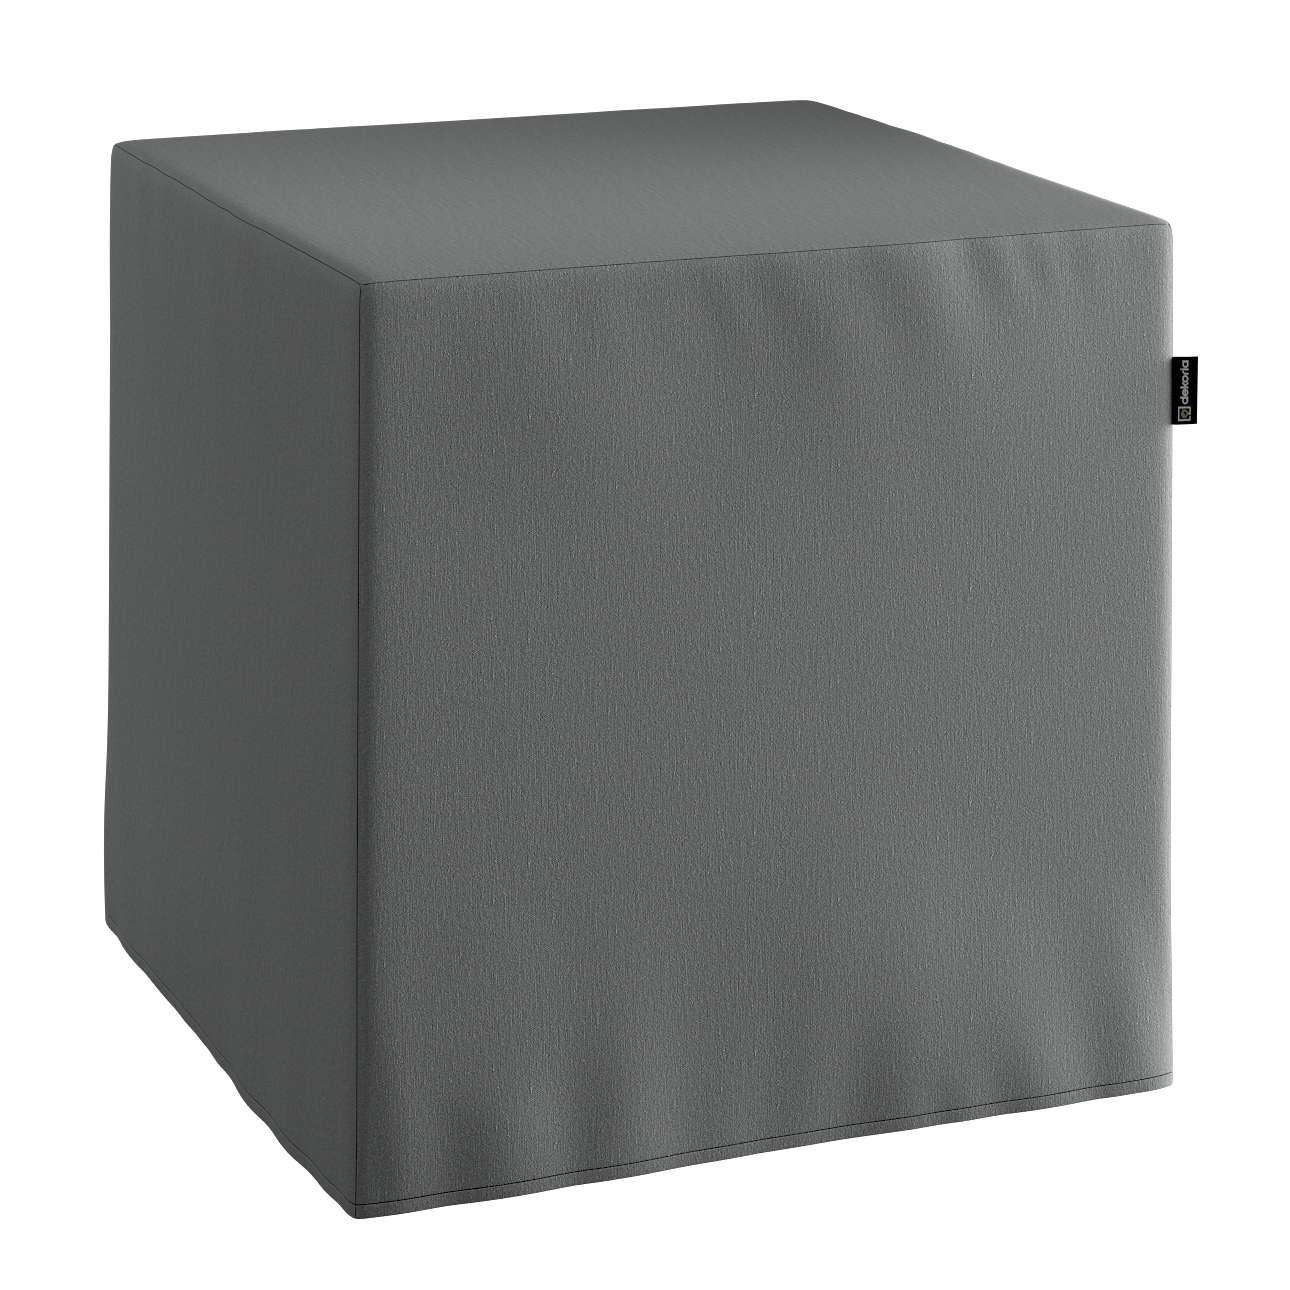 Pokrowiec na pufę kostke kostka 40x40x40 cm w kolekcji Quadro, tkanina: 136-14